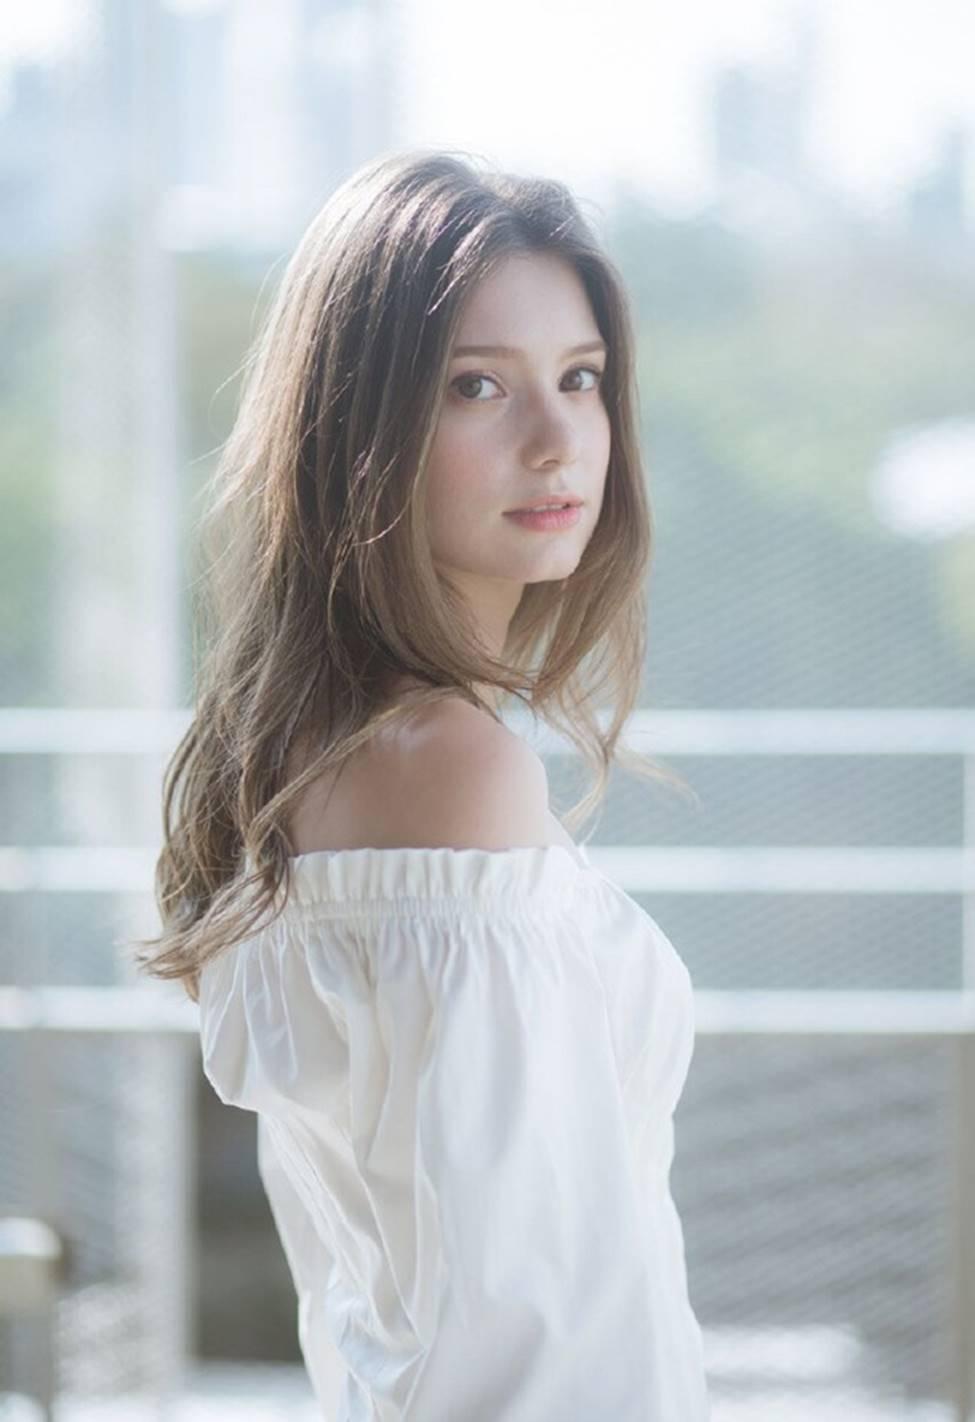 Vẻ đẹp của tiên nữ Đông Âu đang khiến thanh niên châu Á phát cuồng-14